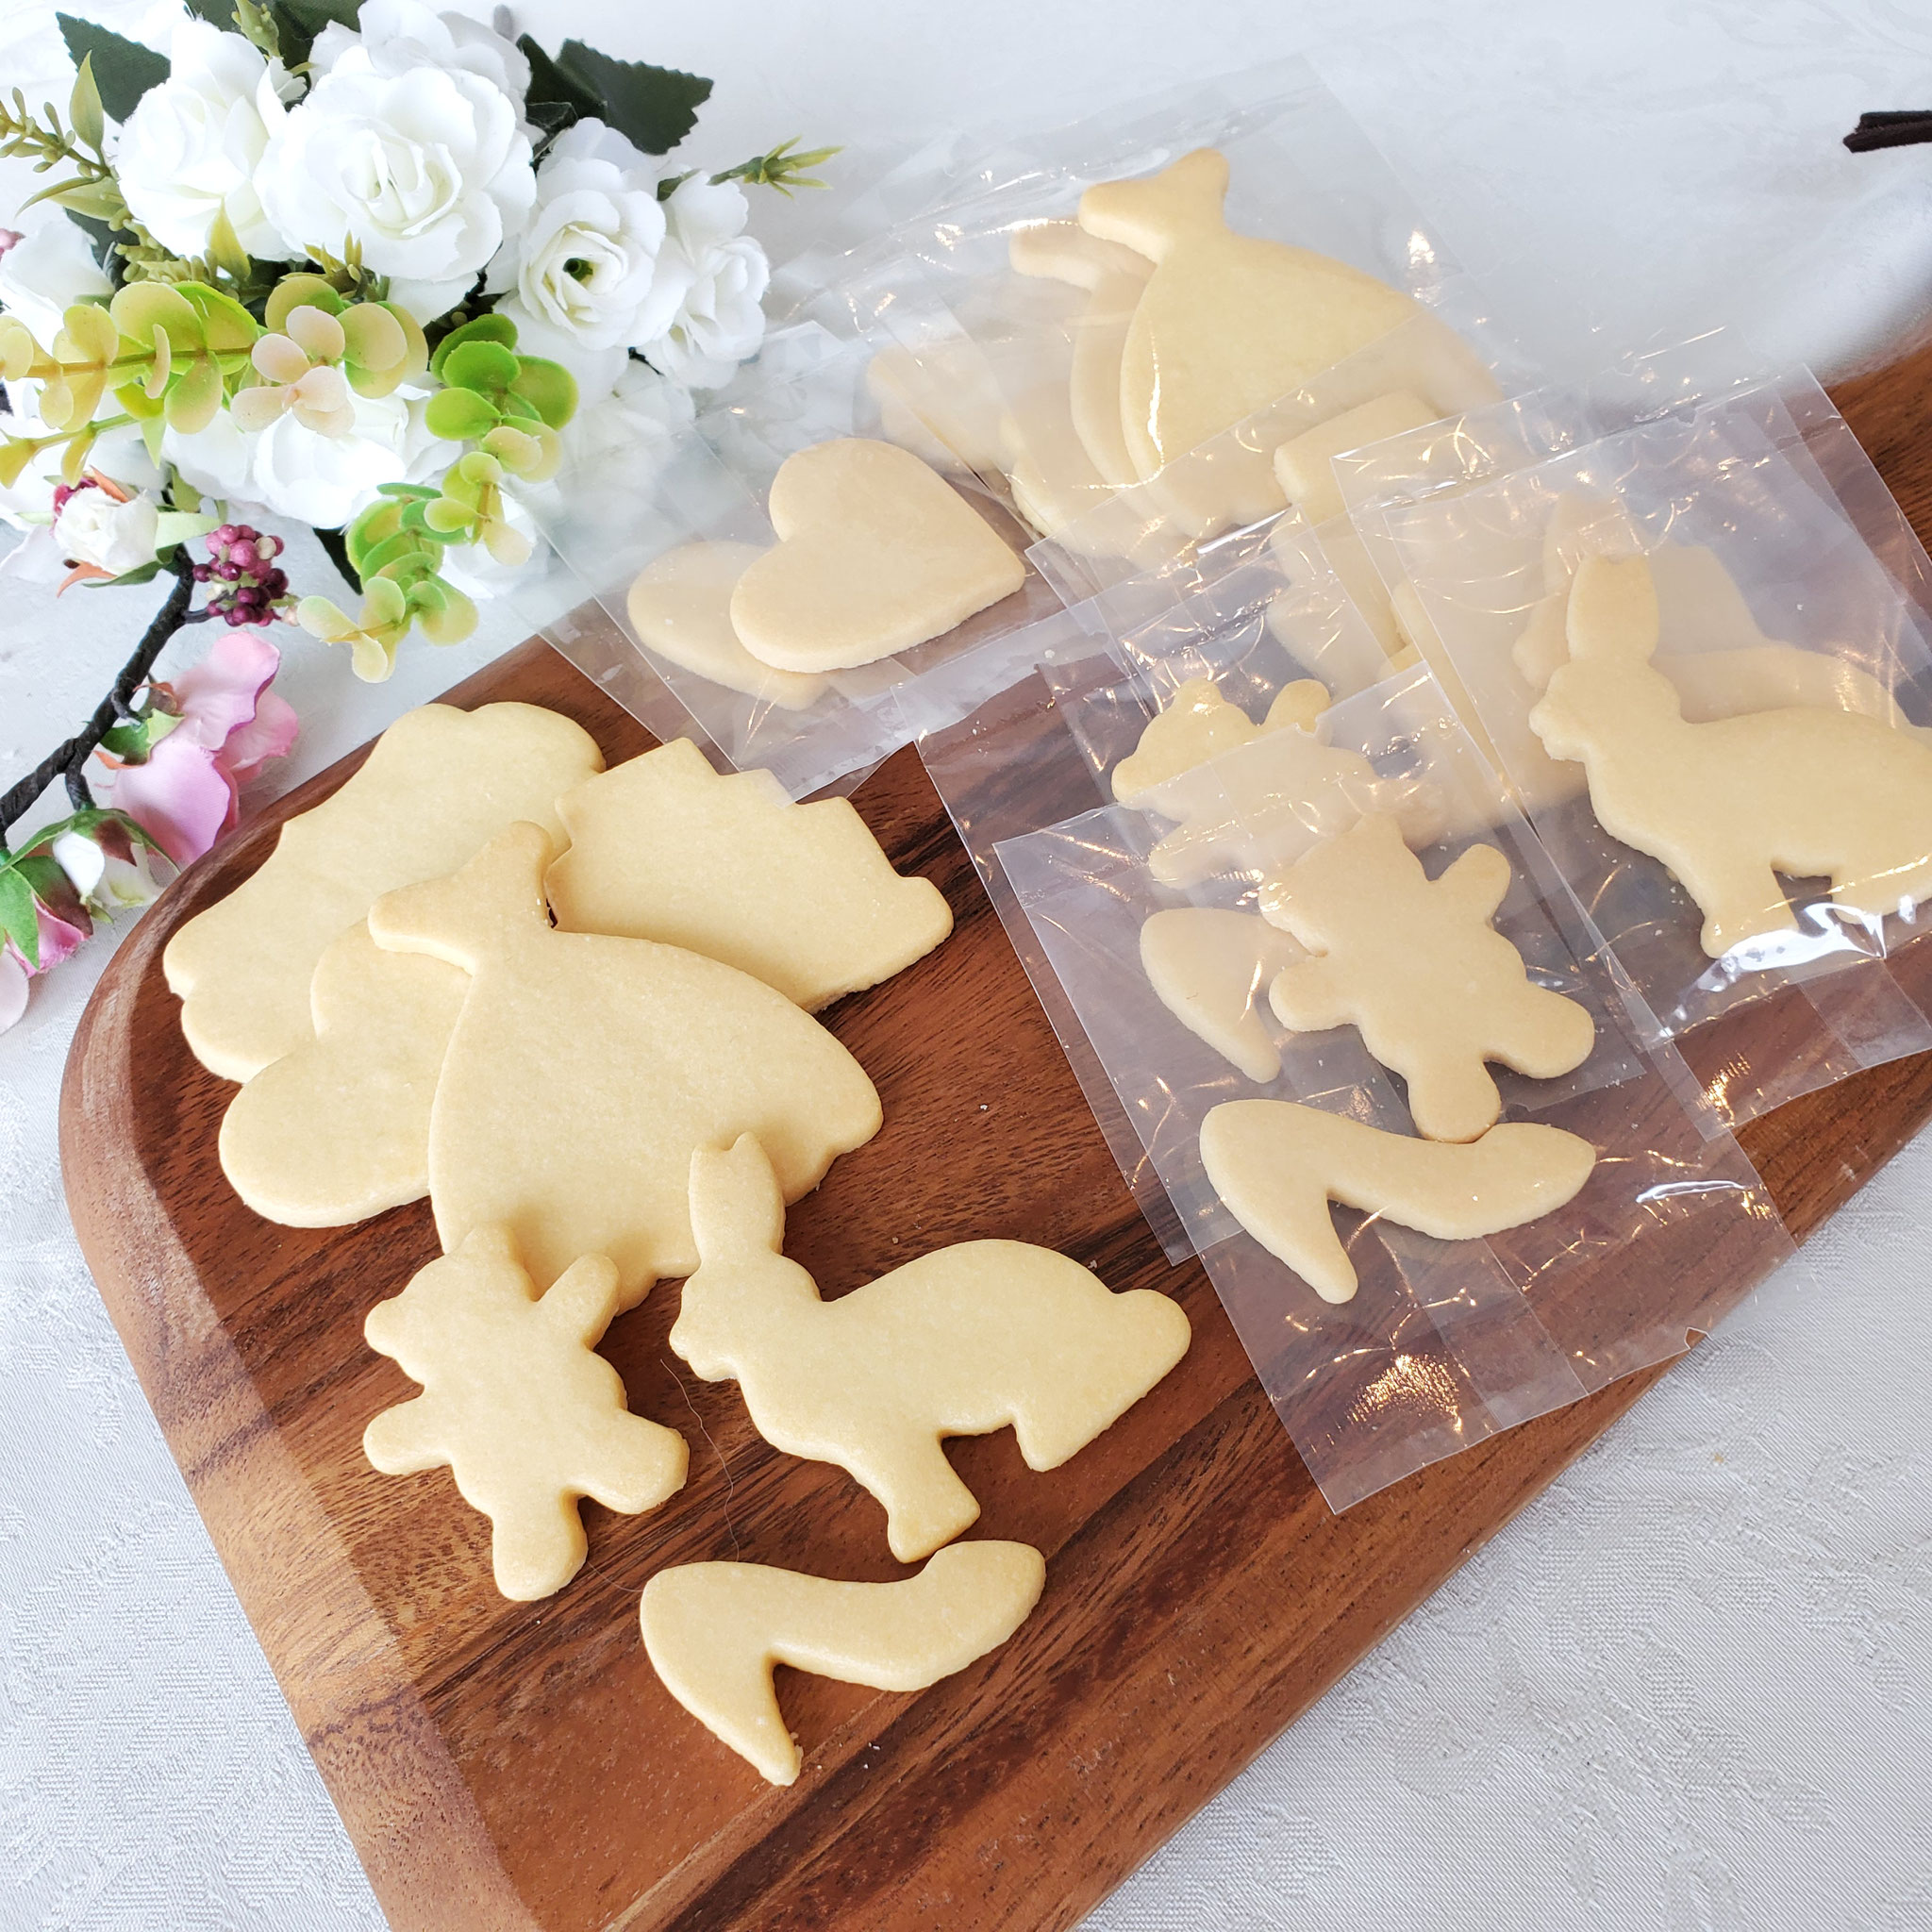 キットで届けられるハピシエオリジナルクッキー